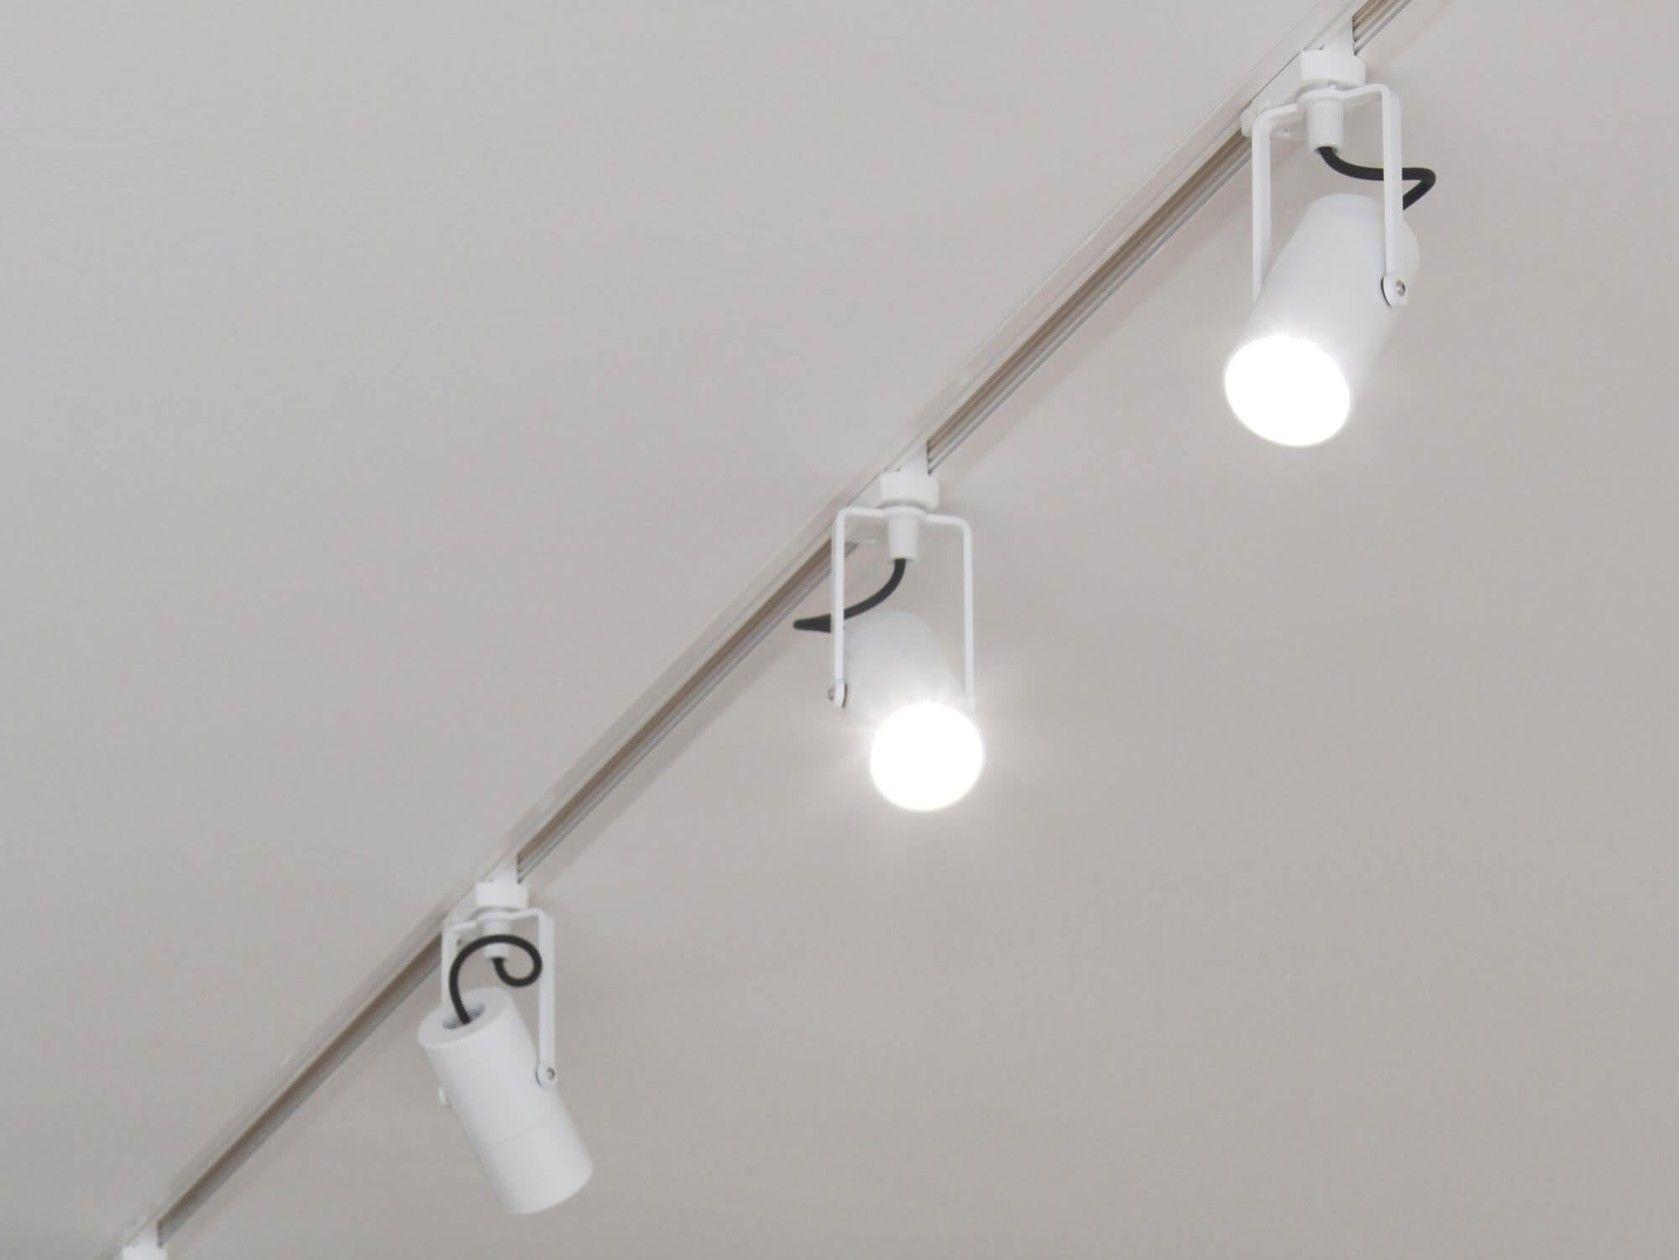 Illuminazione a binario a led a incasso zpro by brillamenti schermo